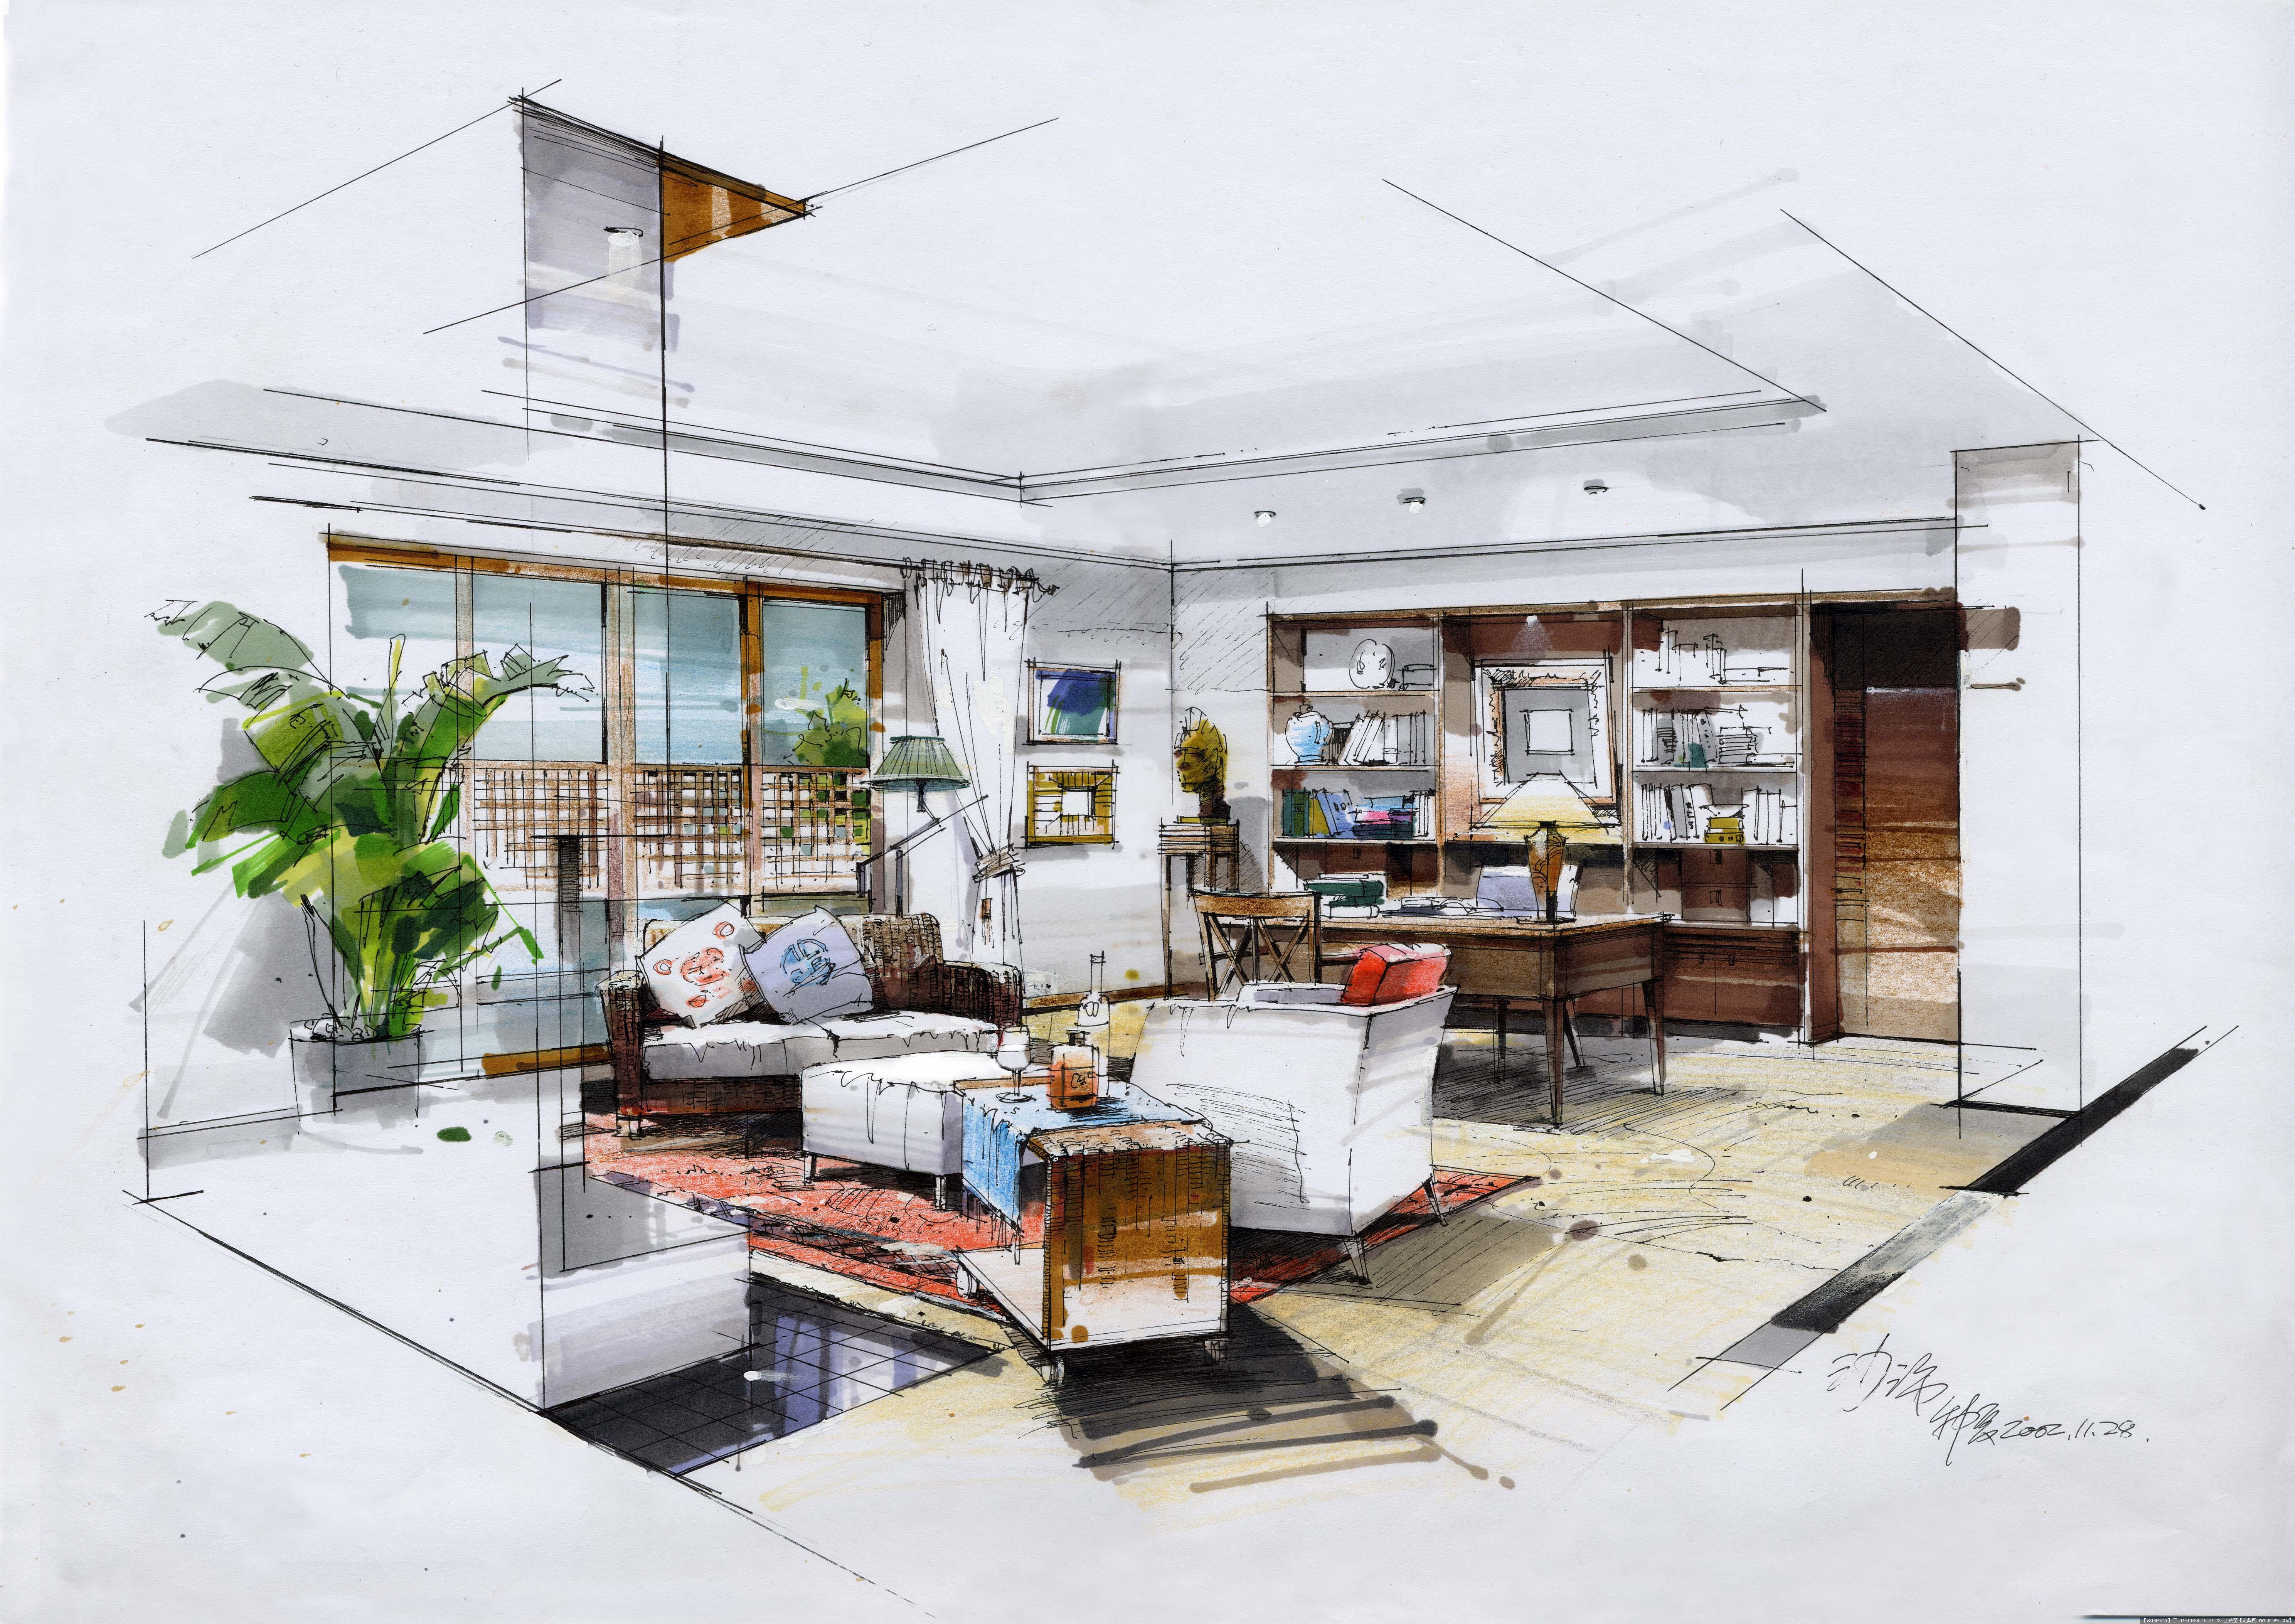 沙沛室内手绘效果图的图片浏览,室内效果图,住宅样板,室内装饰设计施工